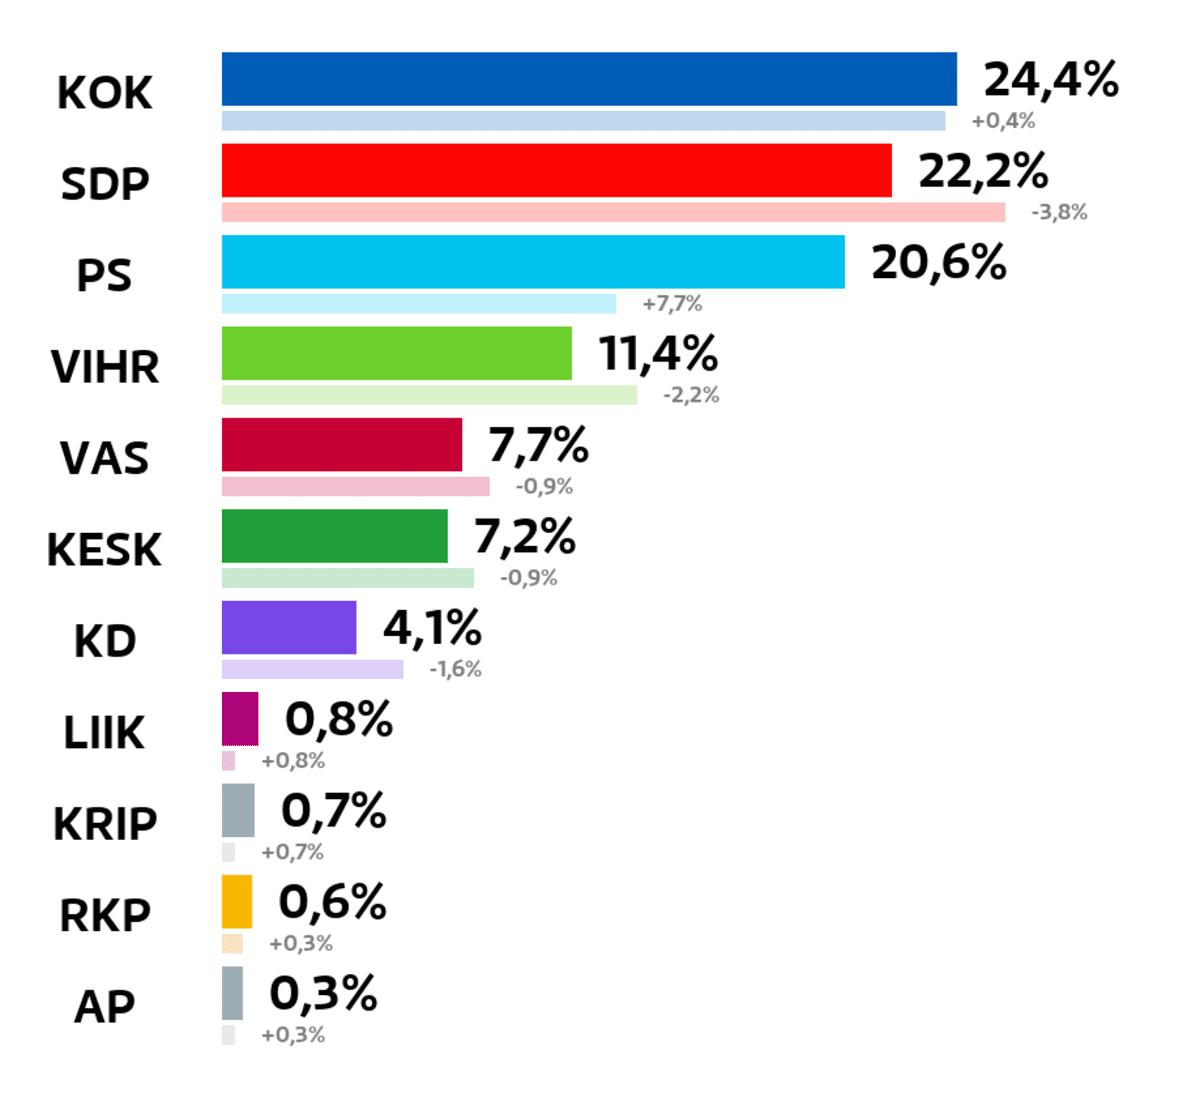 Hyvinkää: Kuntavaalien tulos (%) Kokoomus: 24,4 prosenttia SDP: 22,2 prosenttia Perussuomalaiset: 20,6 prosenttia Vihreät: 11,4 prosenttia Vasemmistoliitto: 7,7 prosenttia Keskusta: 7,2 prosenttia Kristillisdemokraatit: 4,1 prosenttia Liike Nyt: 0,8 prosenttia Kristallipuolue: 0,7 prosenttia RKP: 0,6 prosenttia Avoin Puolue: 0,3 prosenttia